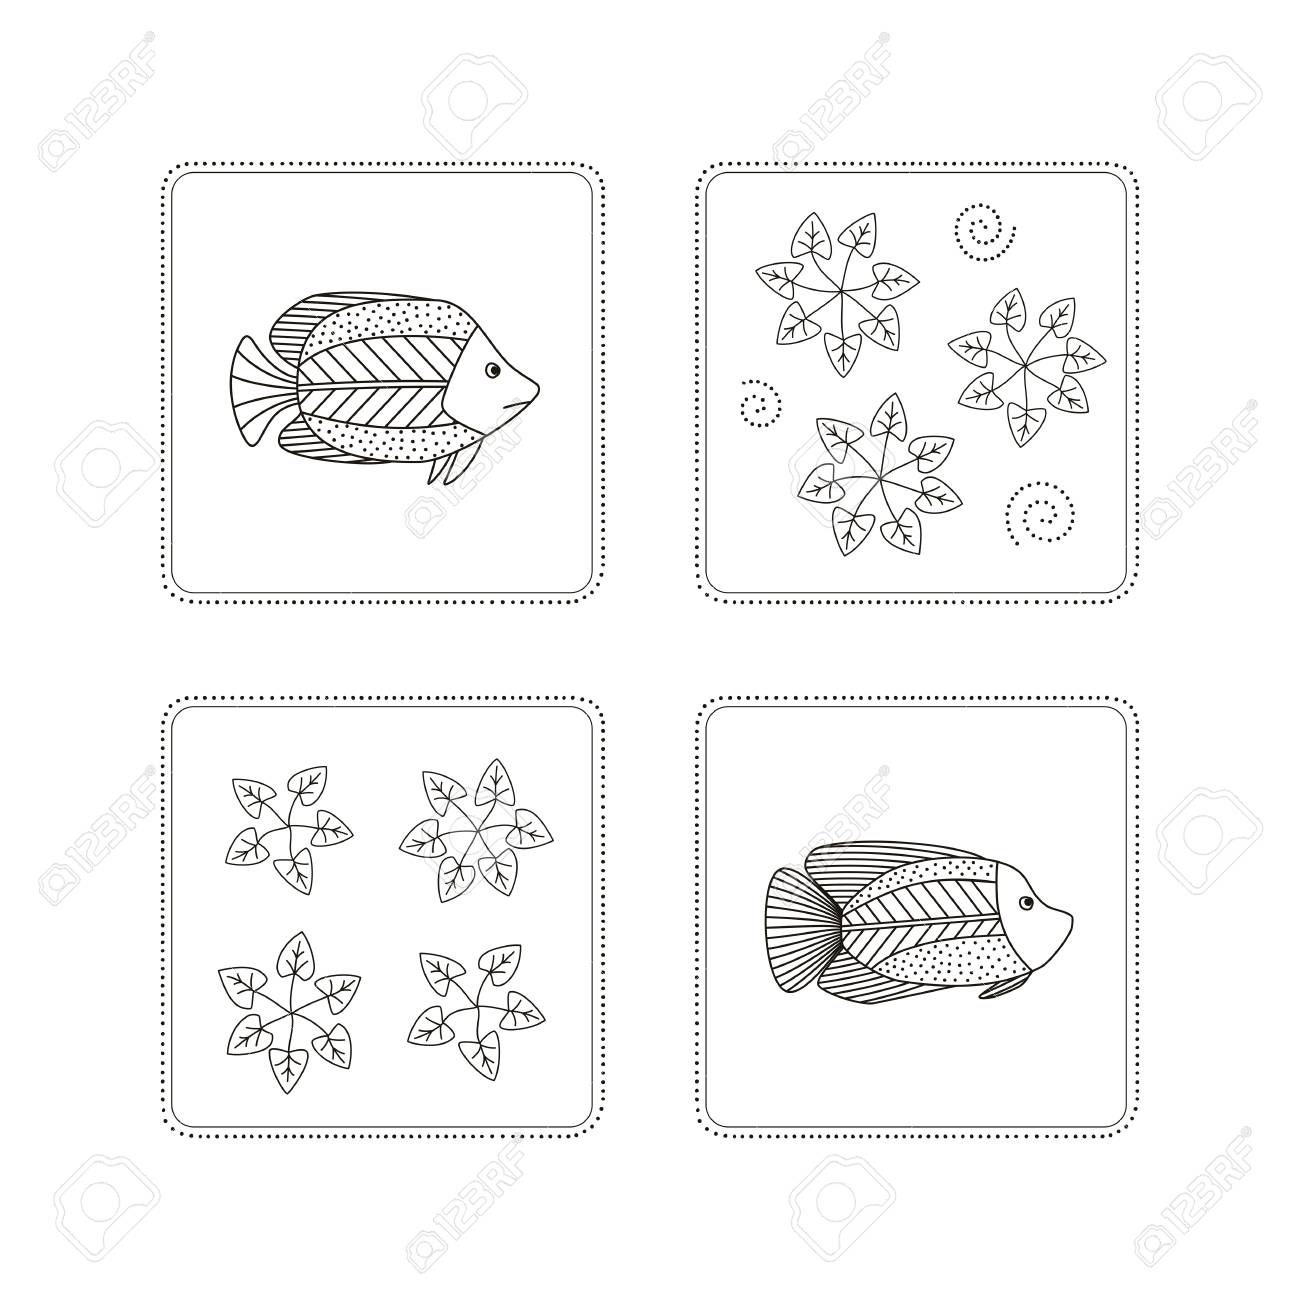 Disegno A Mano Pesci Alghe Clipart Royalty Free Vettori E